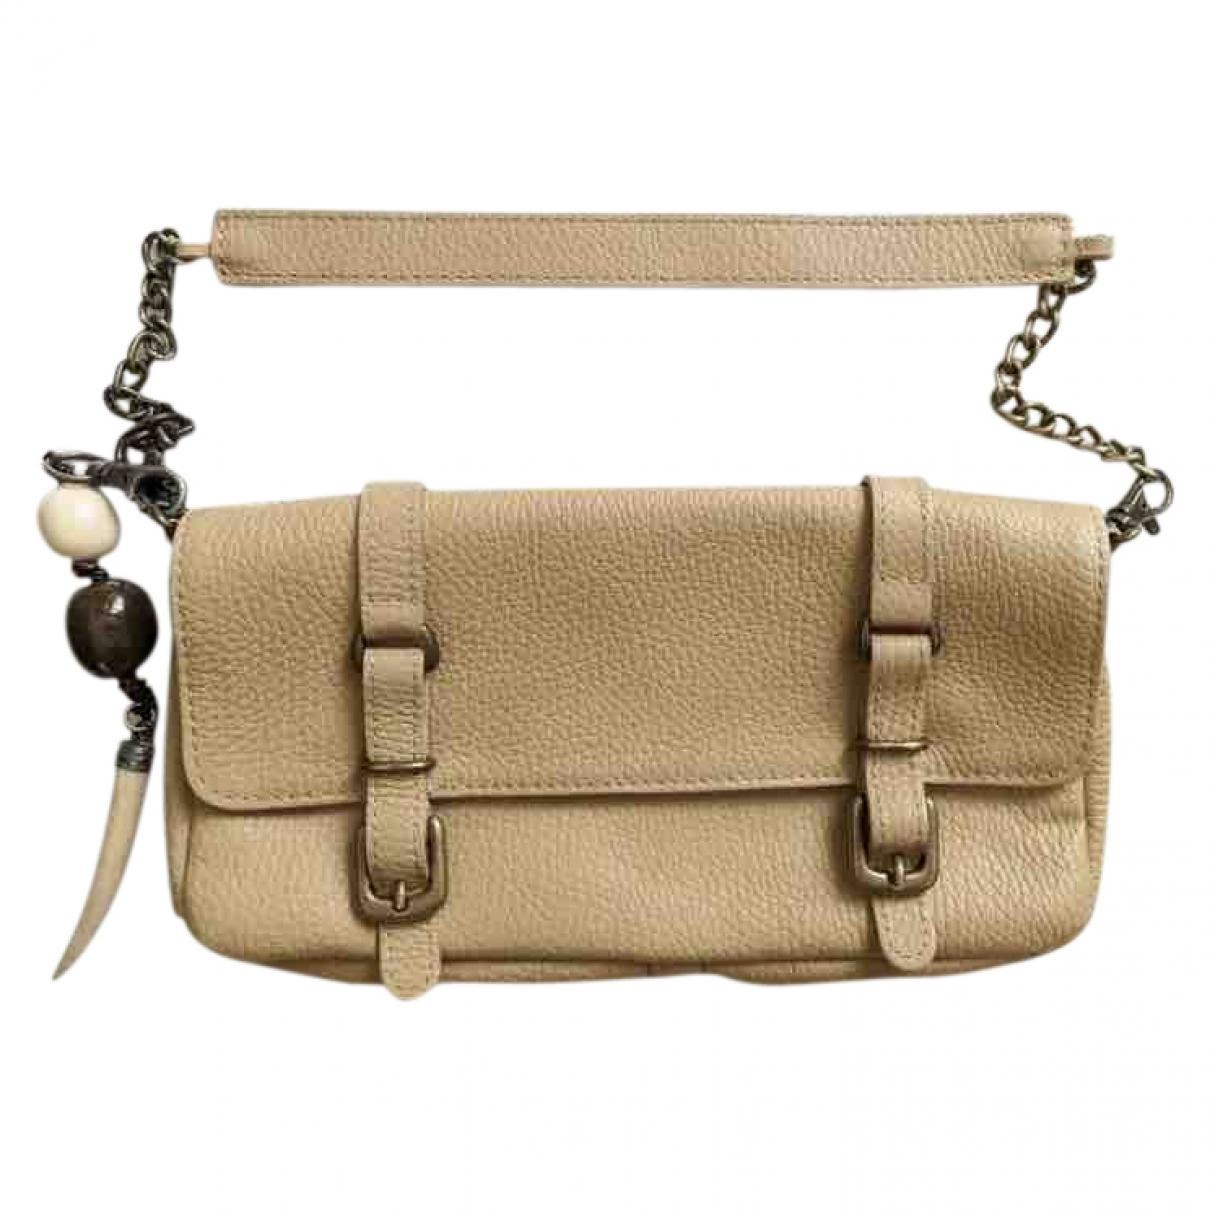 Massimo Dutti \N Camel Leather handbag for Women \N